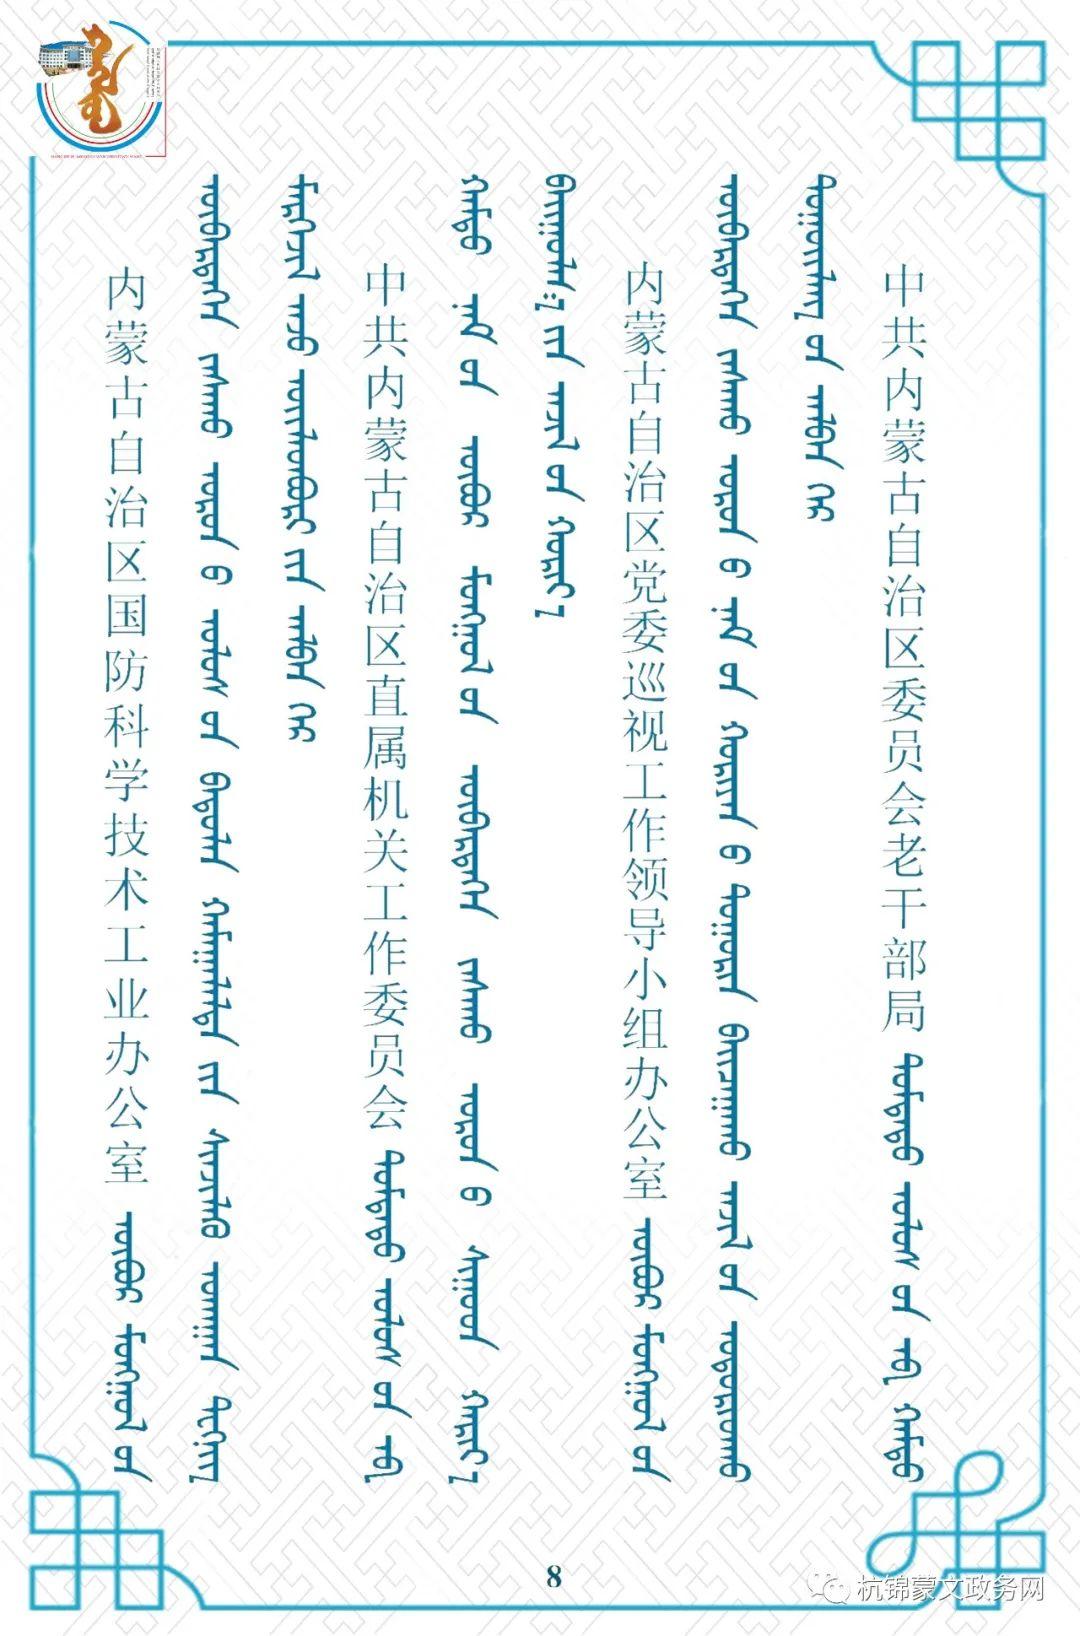 内蒙古自治区委员会机构设置蒙汉对照 第8张 内蒙古自治区委员会机构设置蒙汉对照 蒙古文库